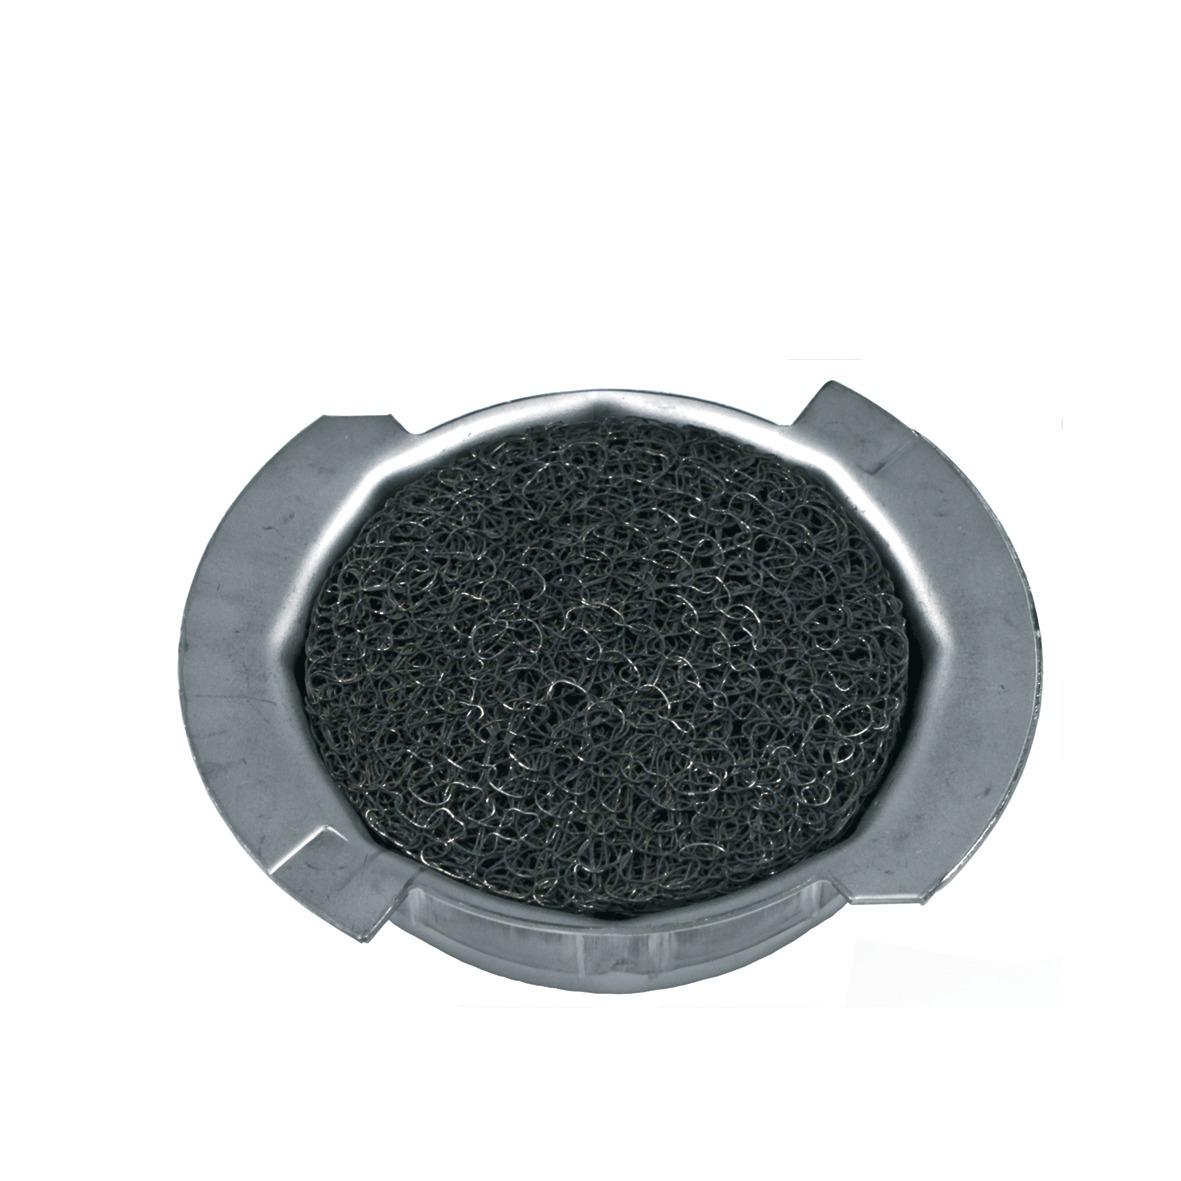 Fettfilter für den Backofeninnenraum 00174276 174276 Bosch, Siemens, Neff